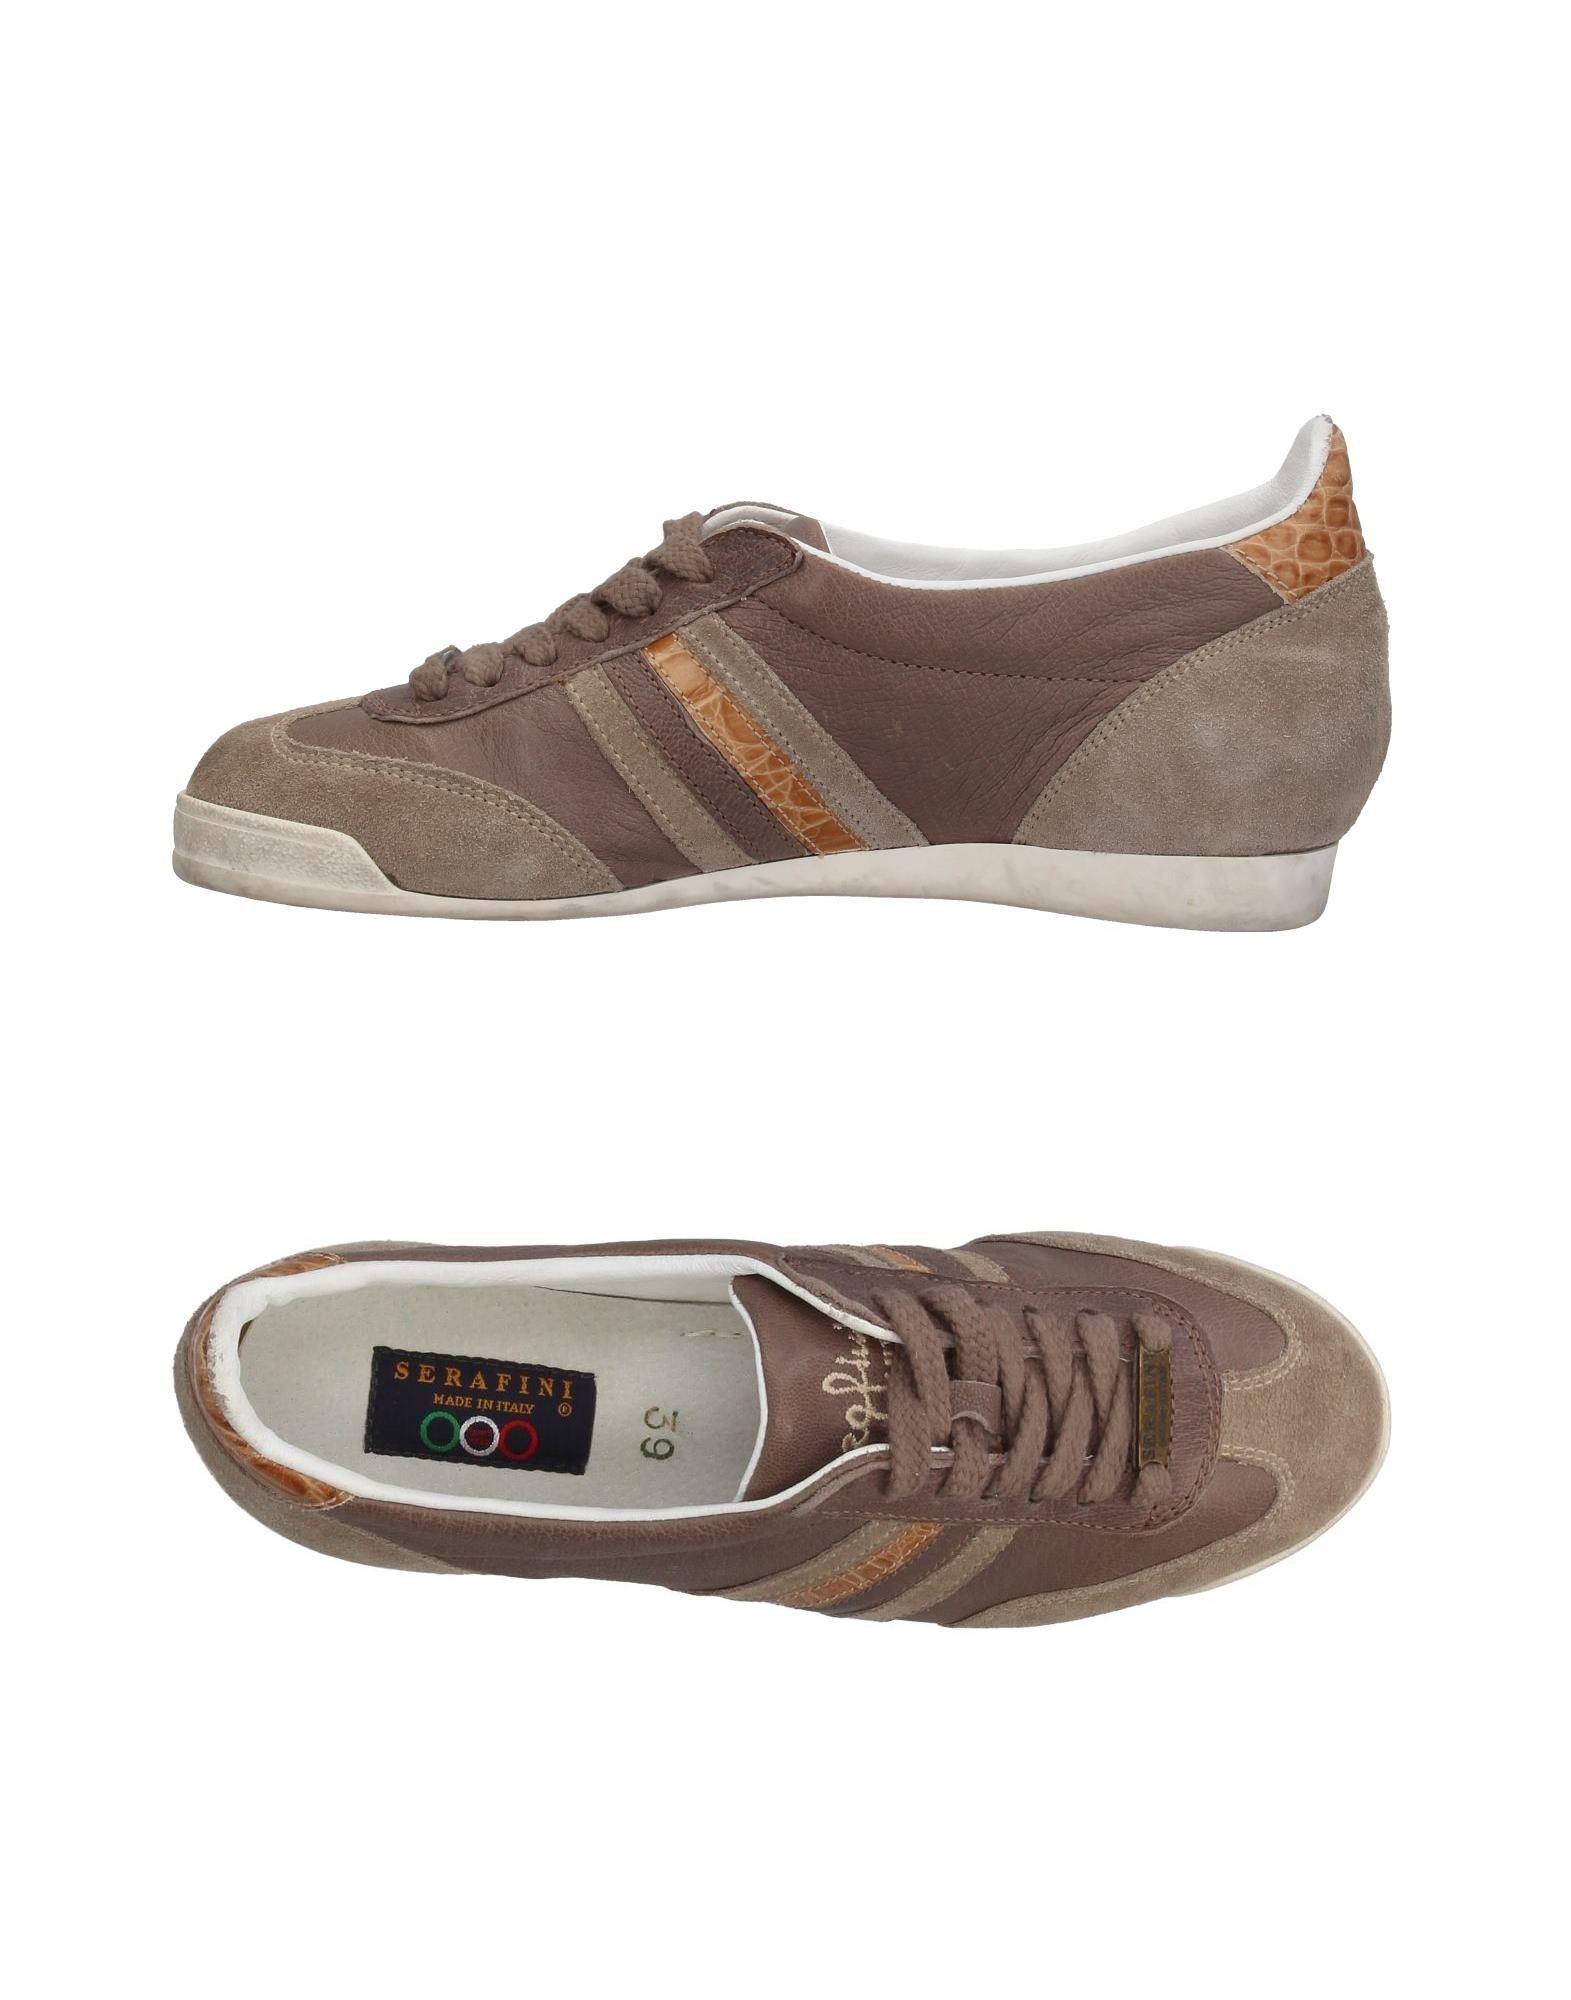 SERAFINI Sneakers in Grey